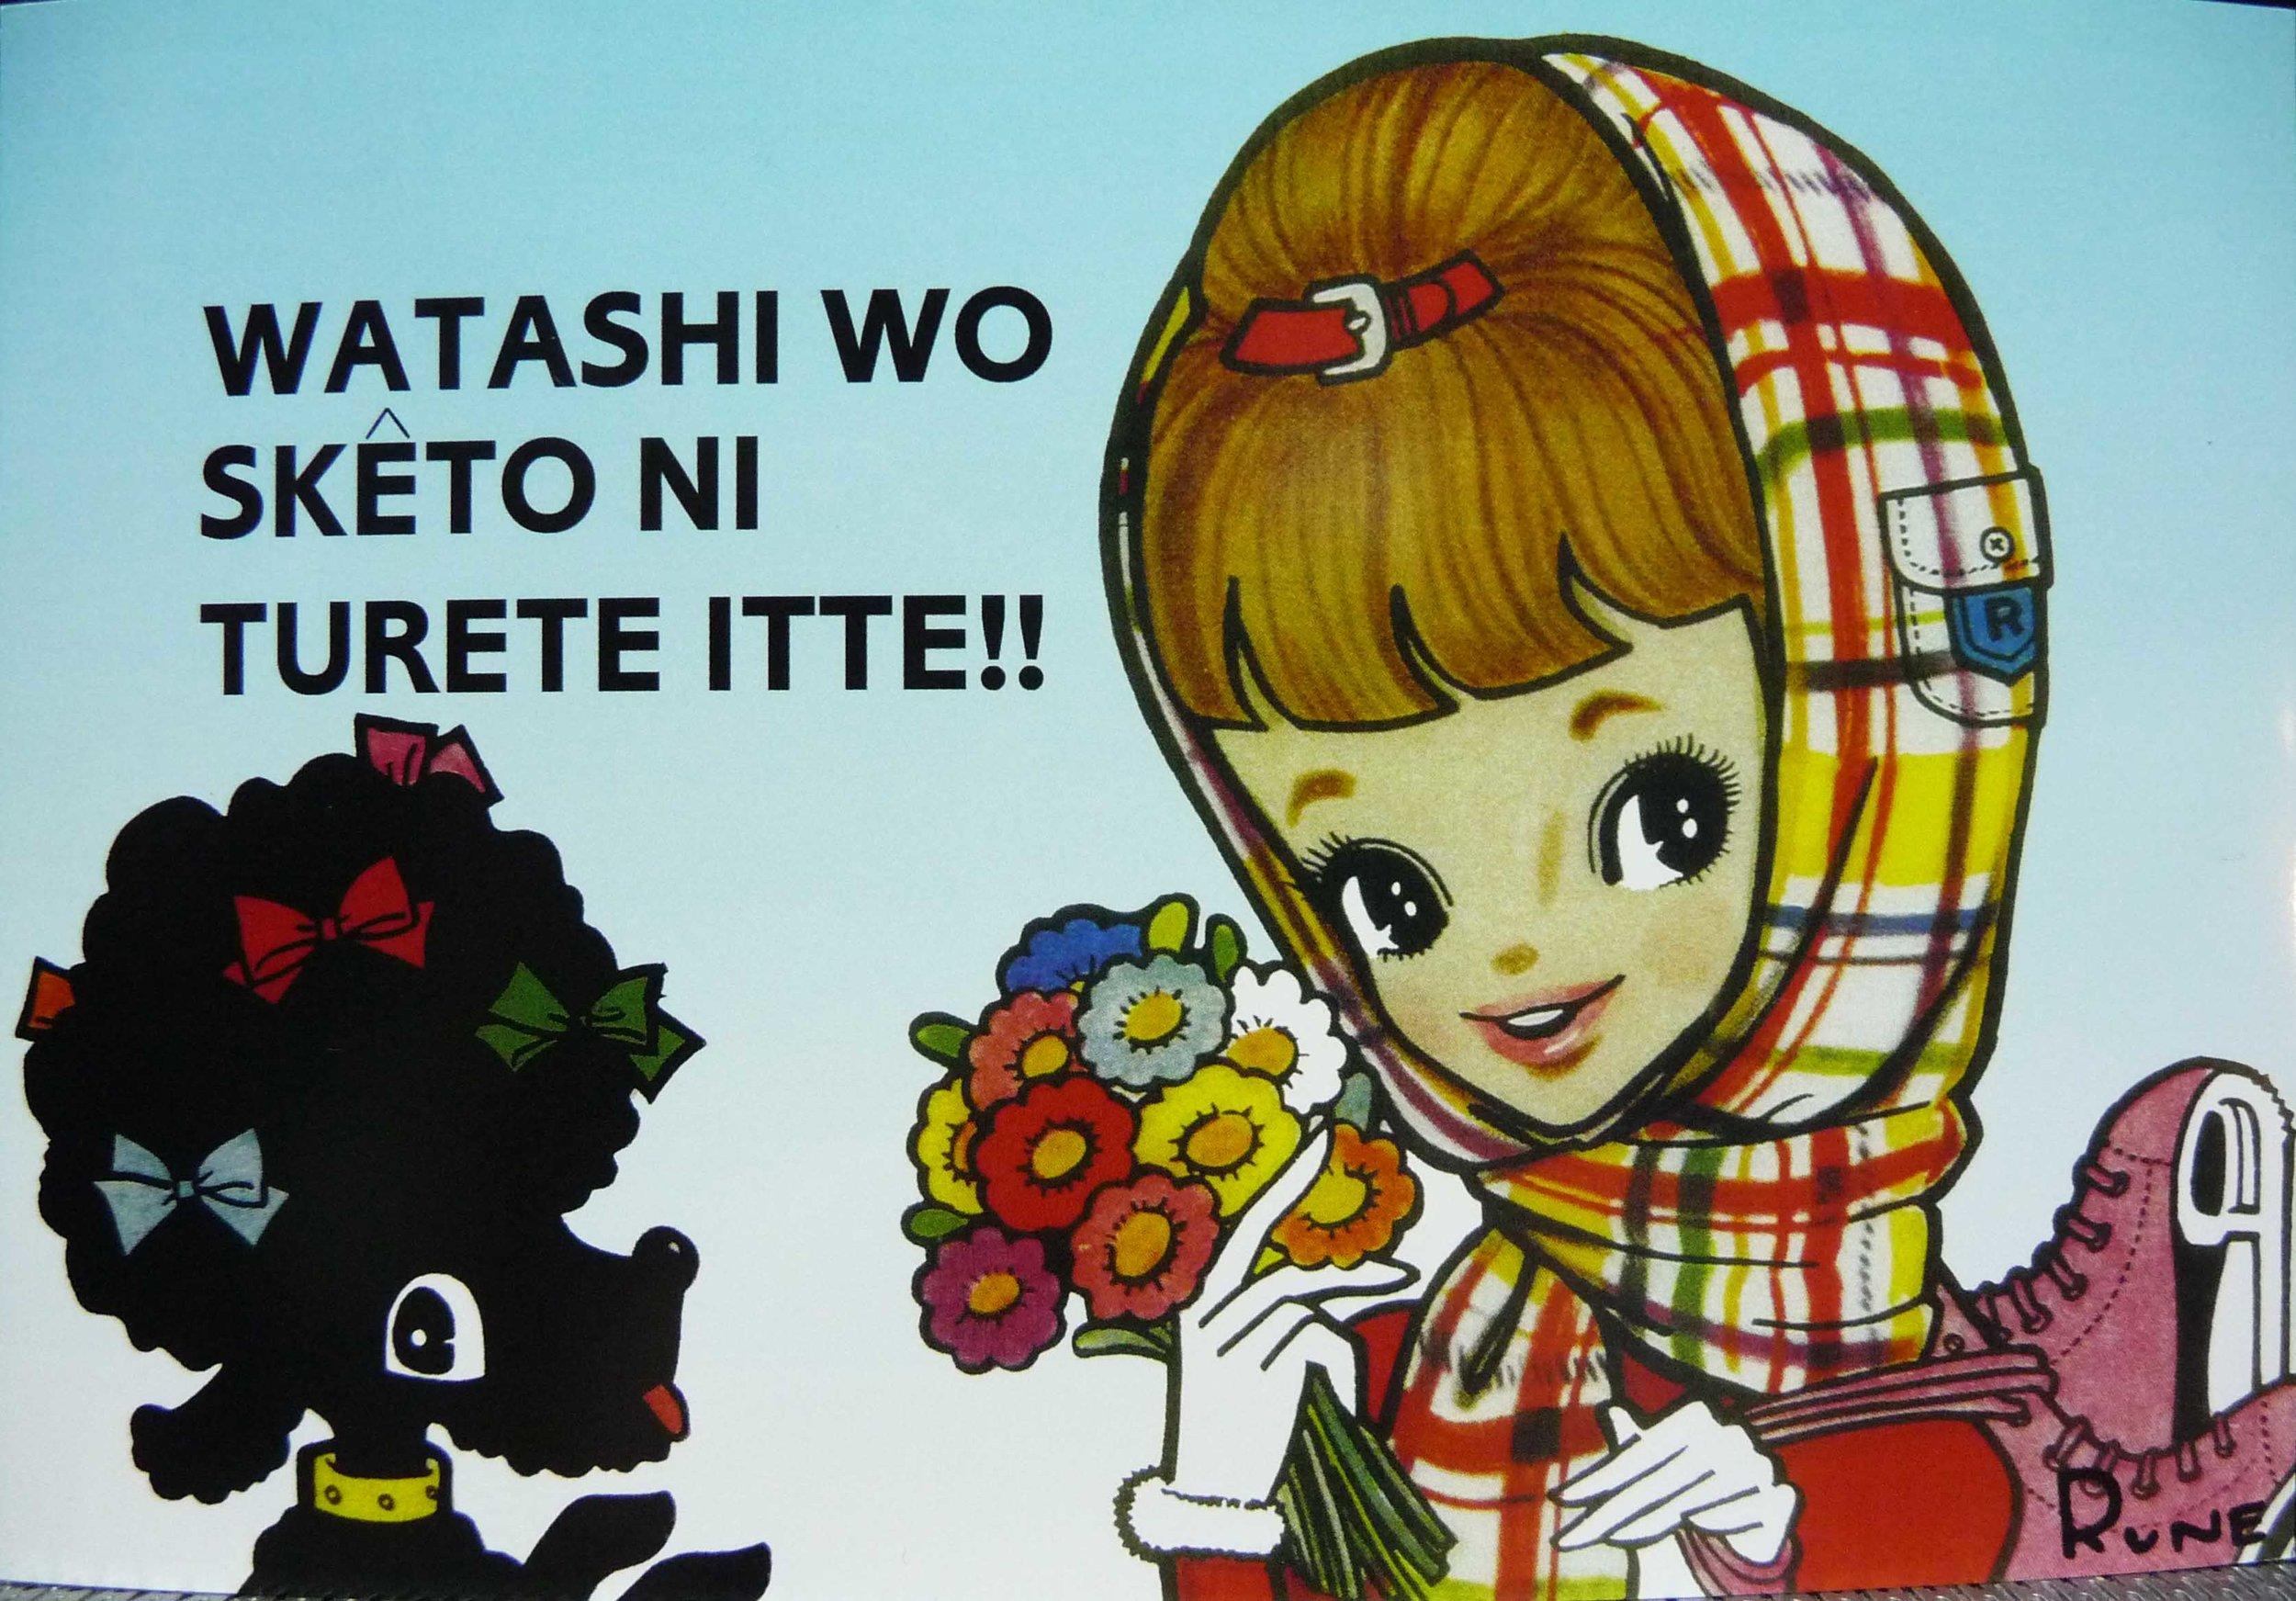 Nos meus parcos conhecimentos de japonês